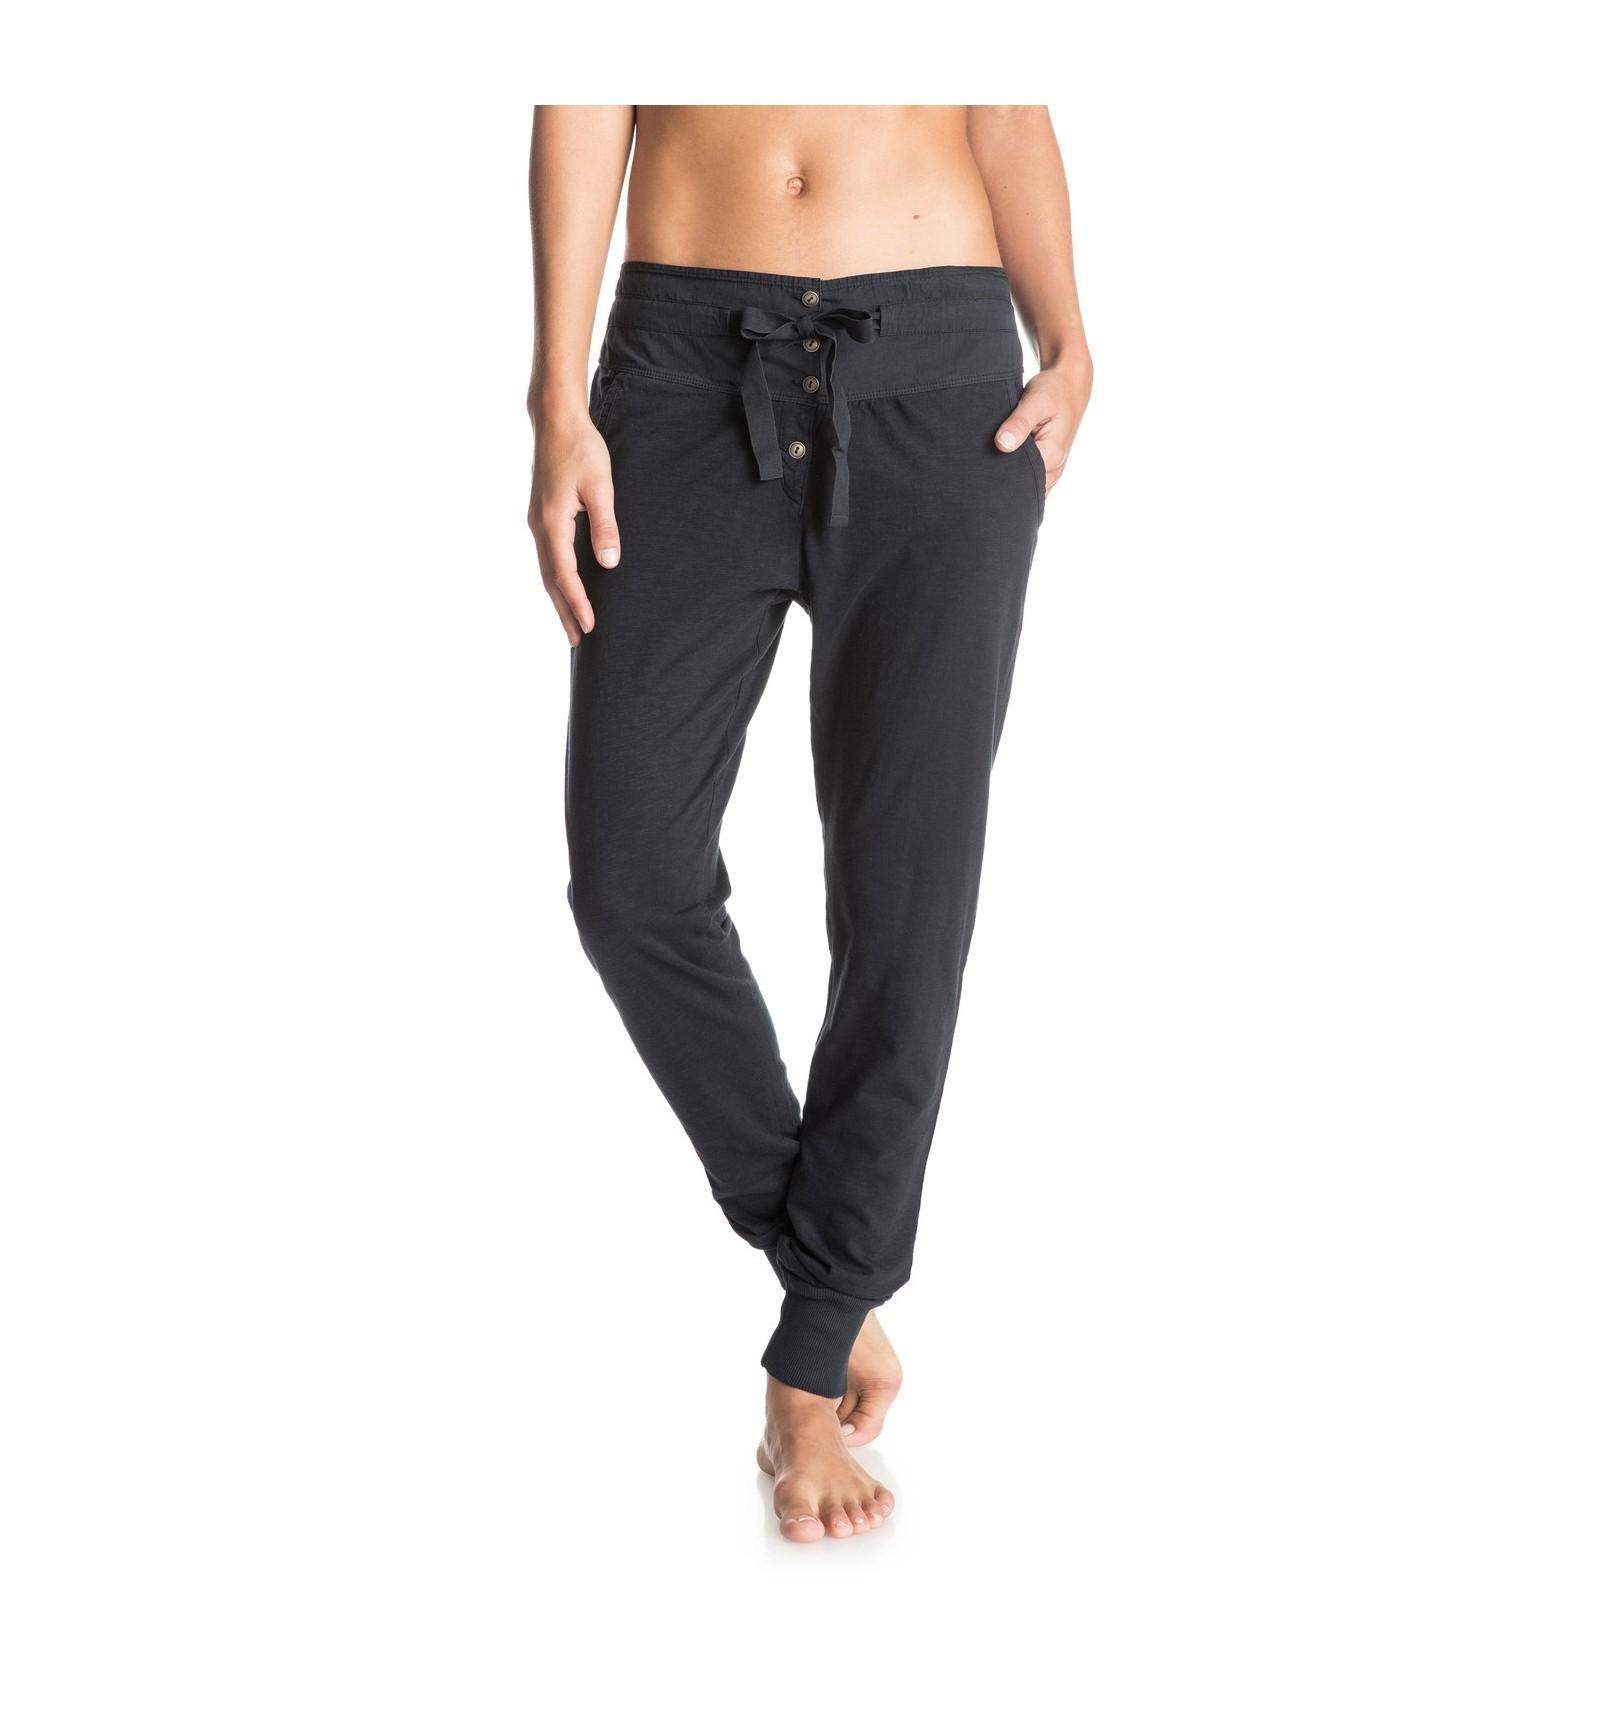 90c0850075 Pantalon chandal ROXY mujer - Vicunasport - Tu tienda de deportes en ...